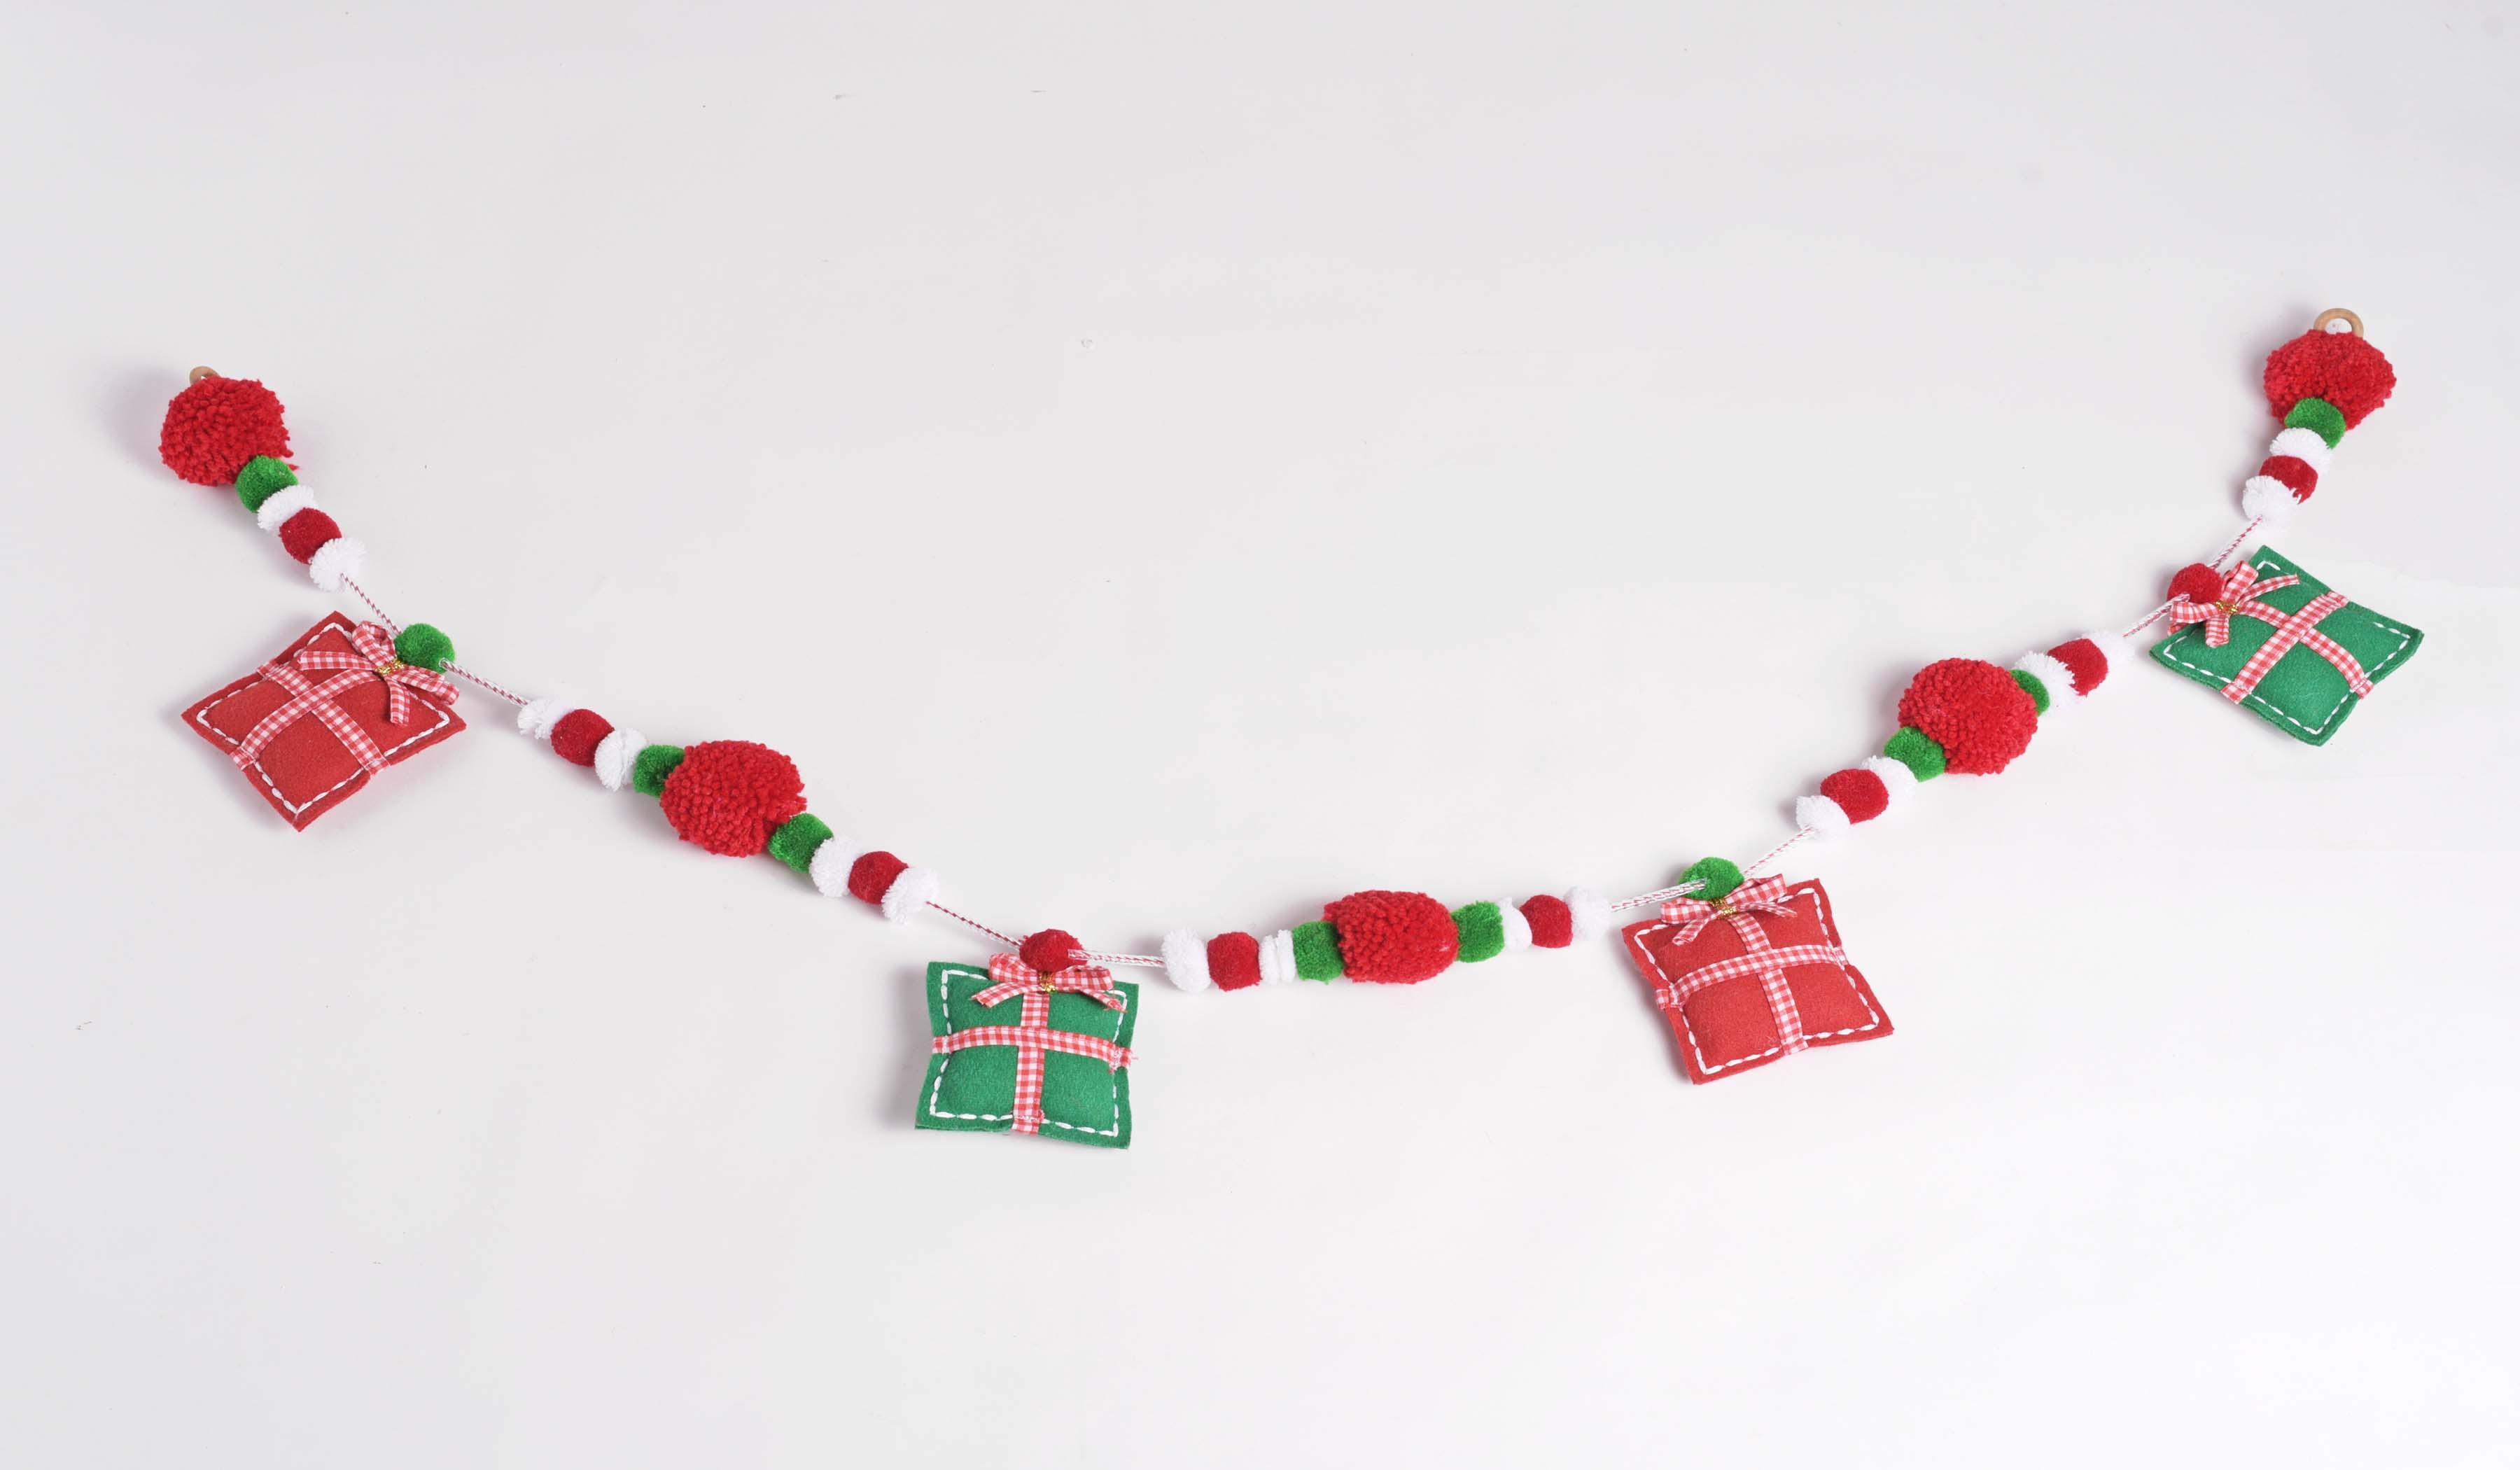 Christmas decor, Pompom garland, gift garland, handmade, holiday decor, home decor, size 1 mt